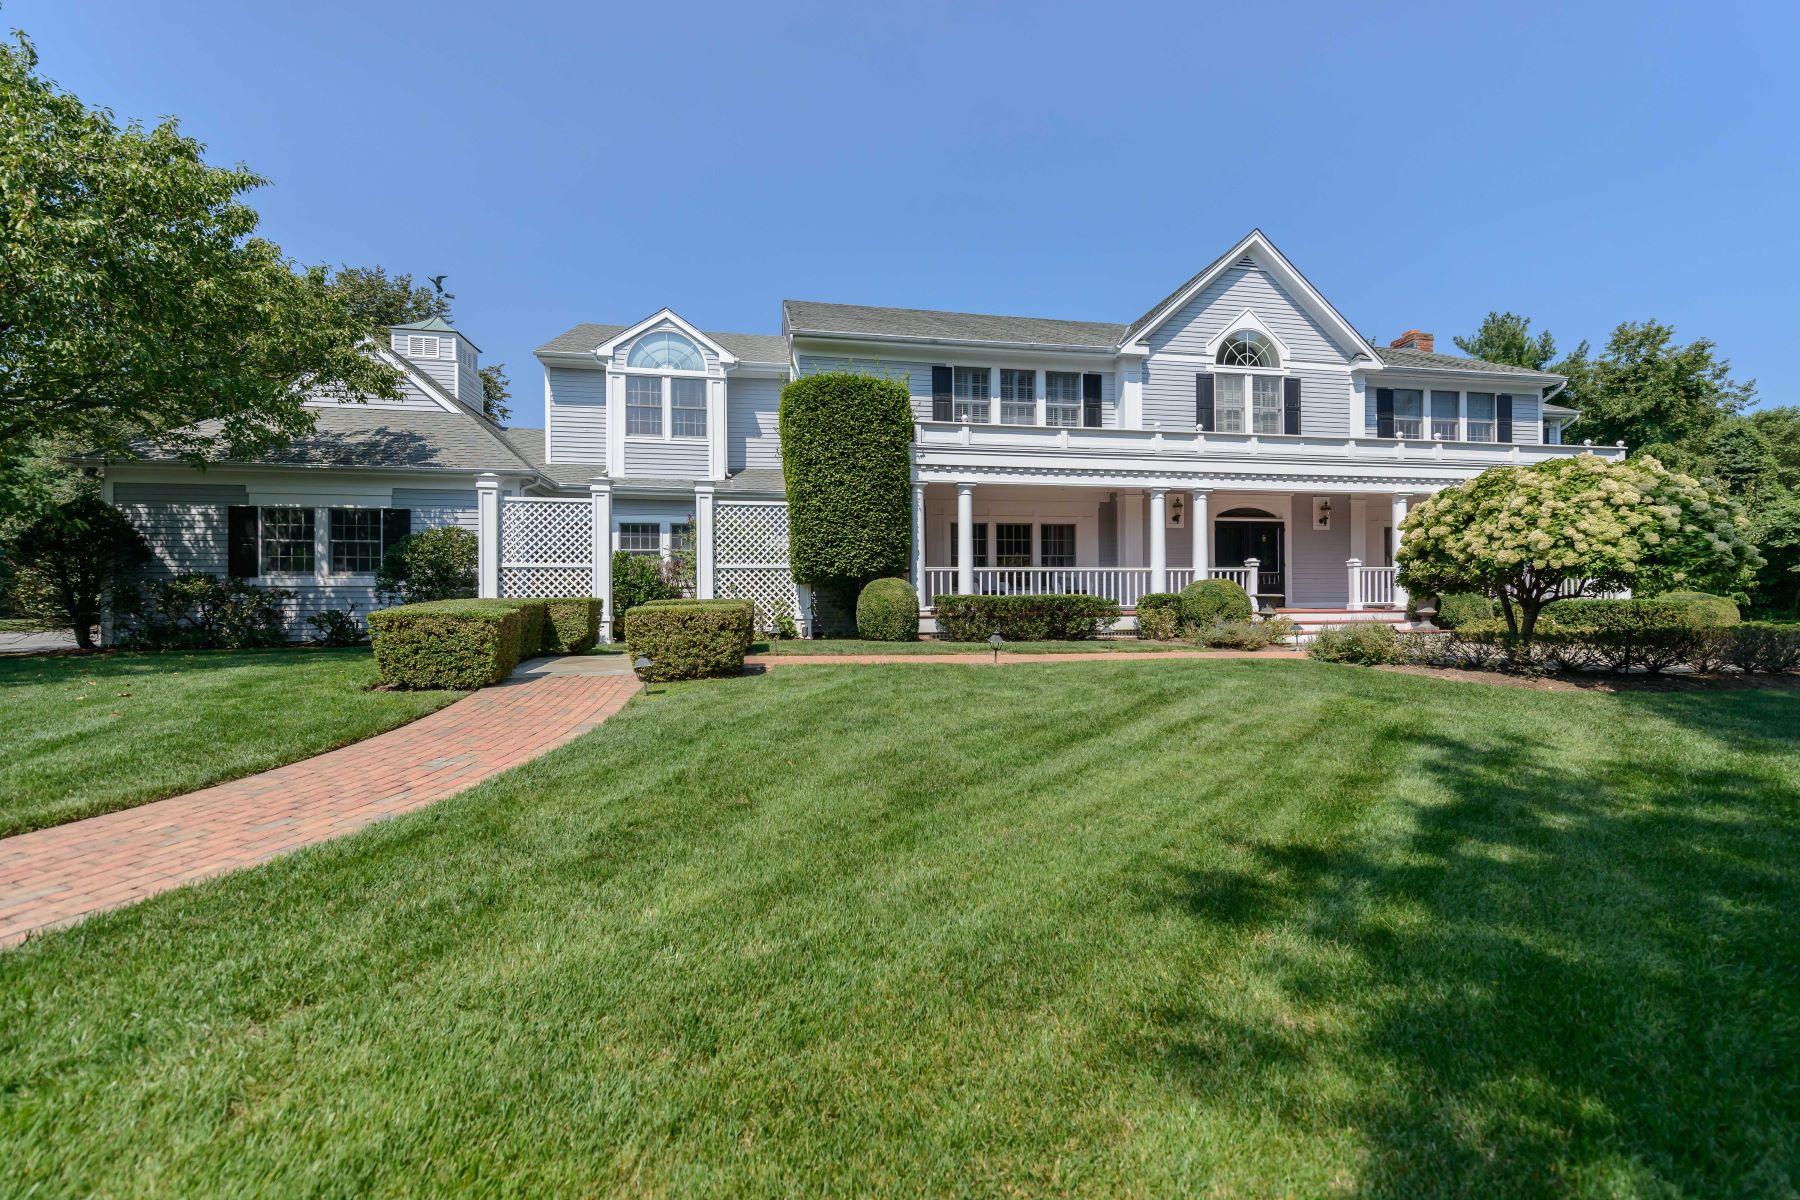 Villa per Vendita alle ore Colonial 9 Fox Meadow Ln Lloyd Harbor, New York, 11743 Stati Uniti